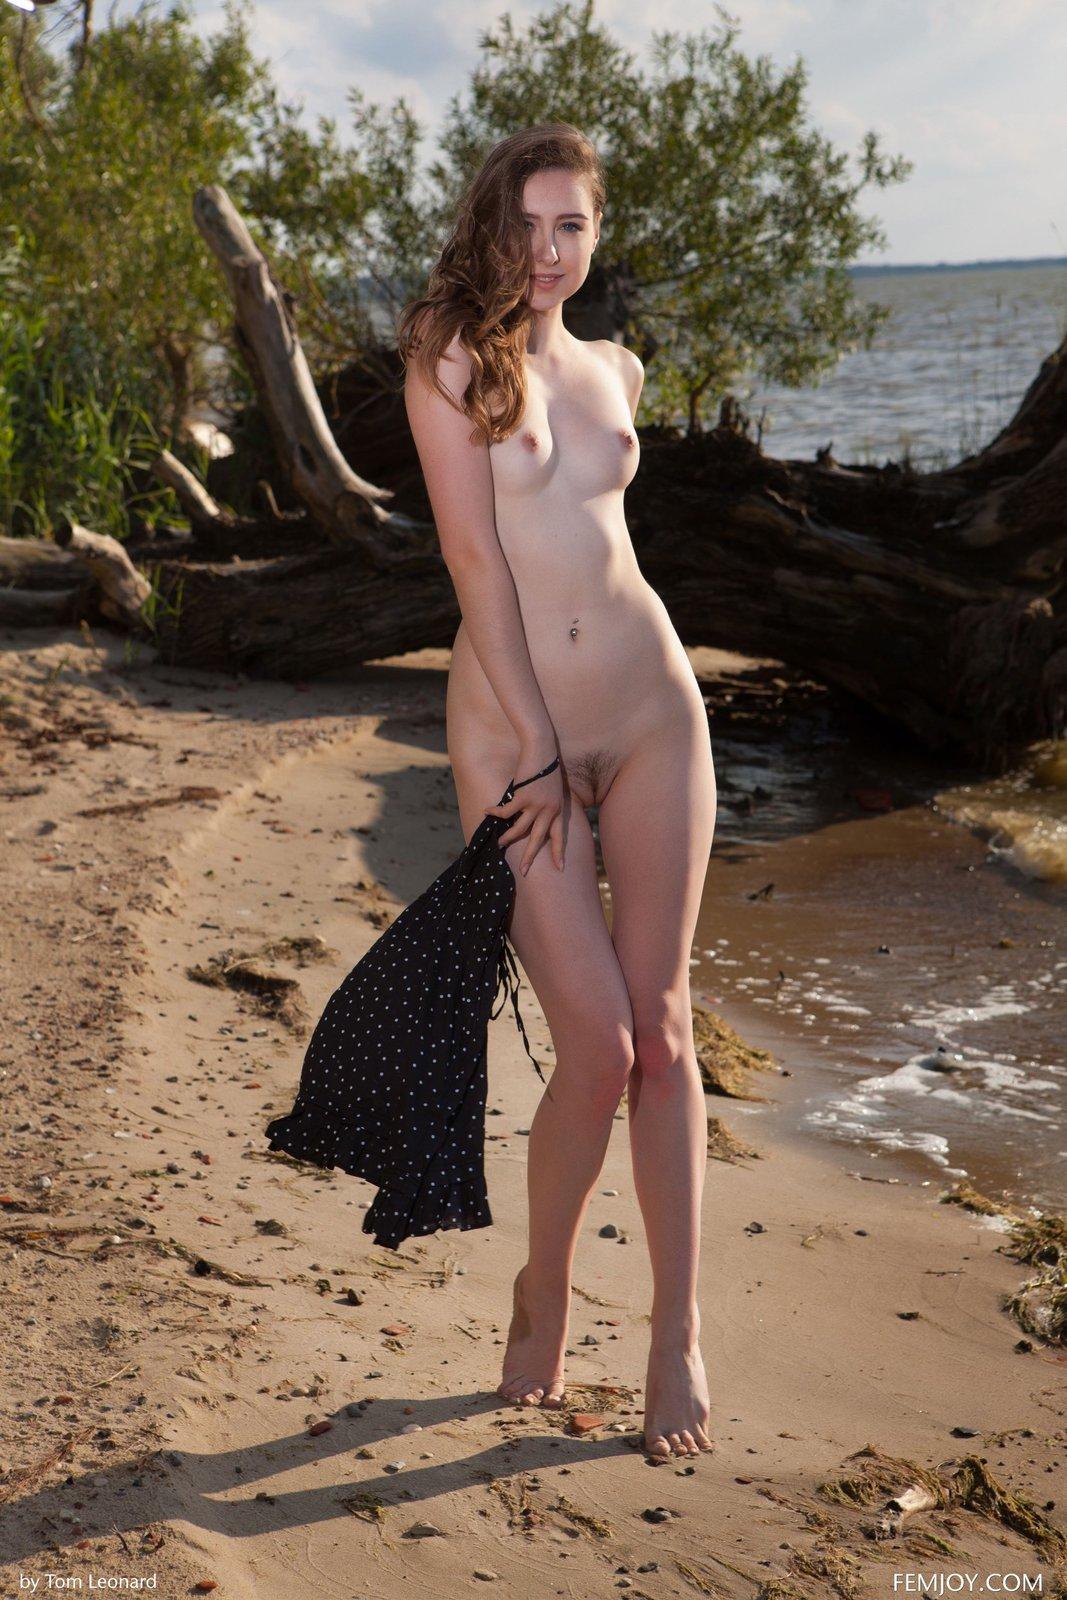 Zdjęcie porno - 06 1 - Zgrabna laska na plaży